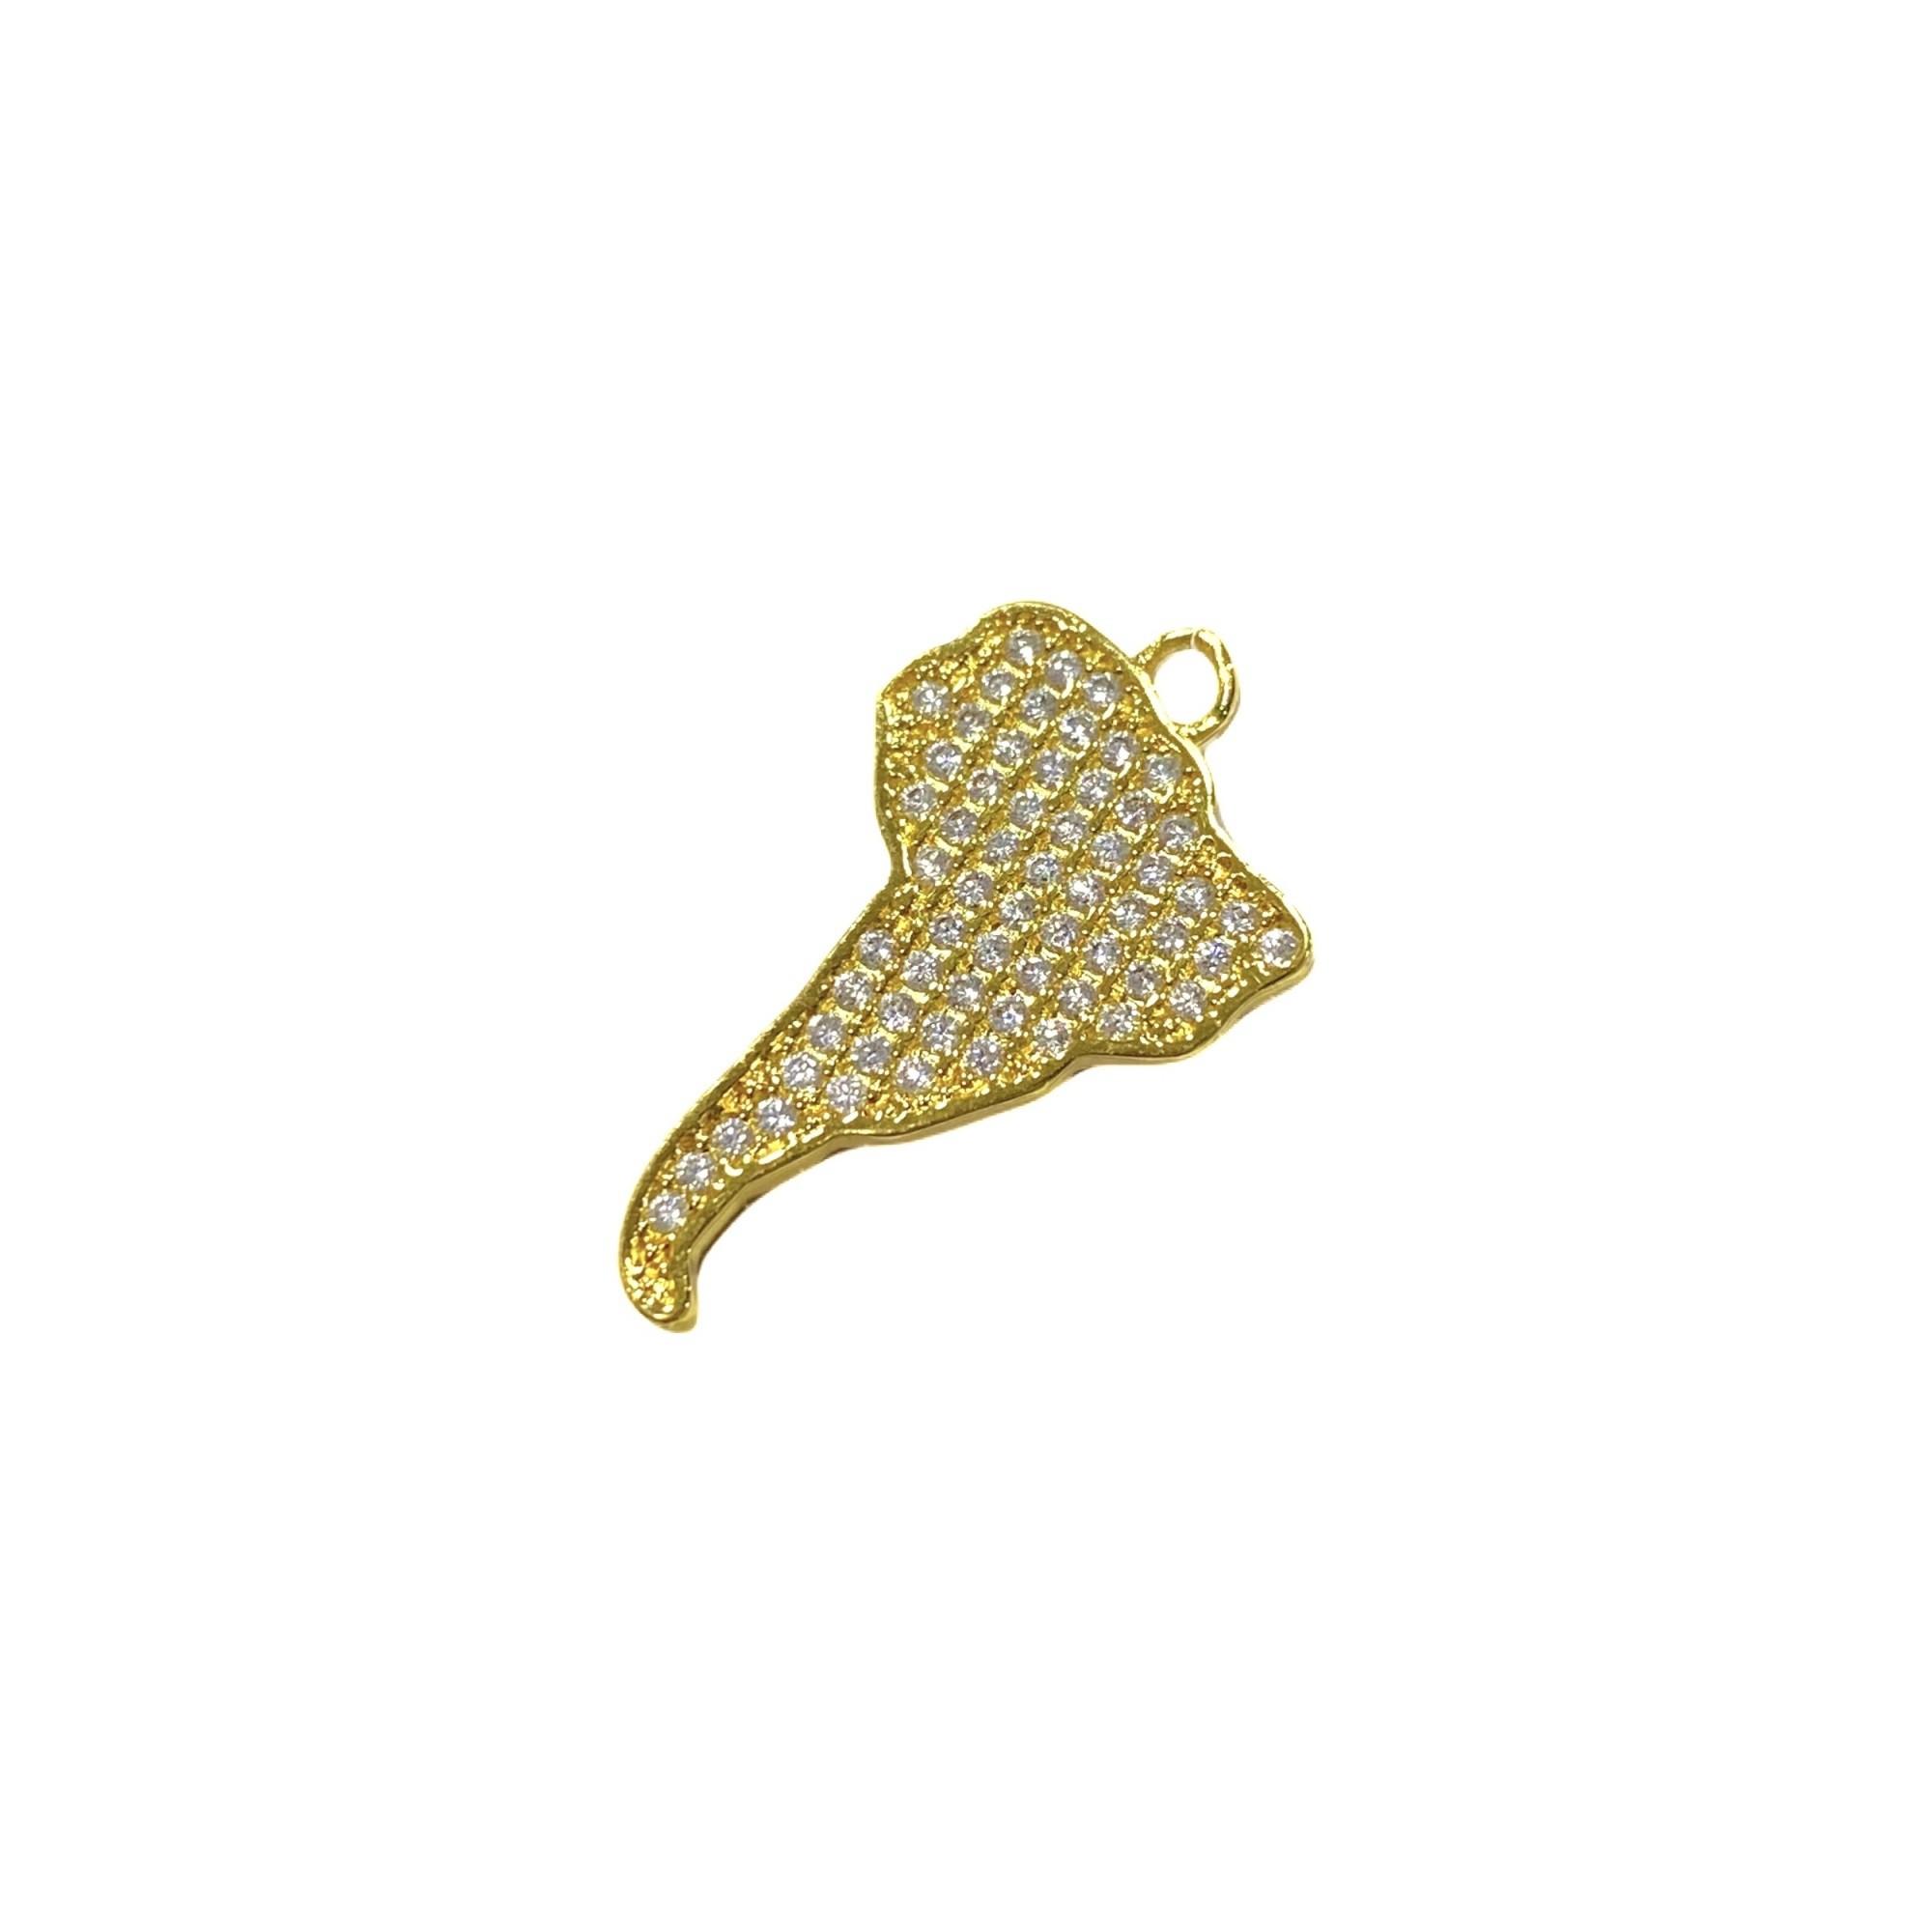 Pingente América do Sul Cravejado em Zircônia 2cm X 2xm (Banho Ouro 24k)